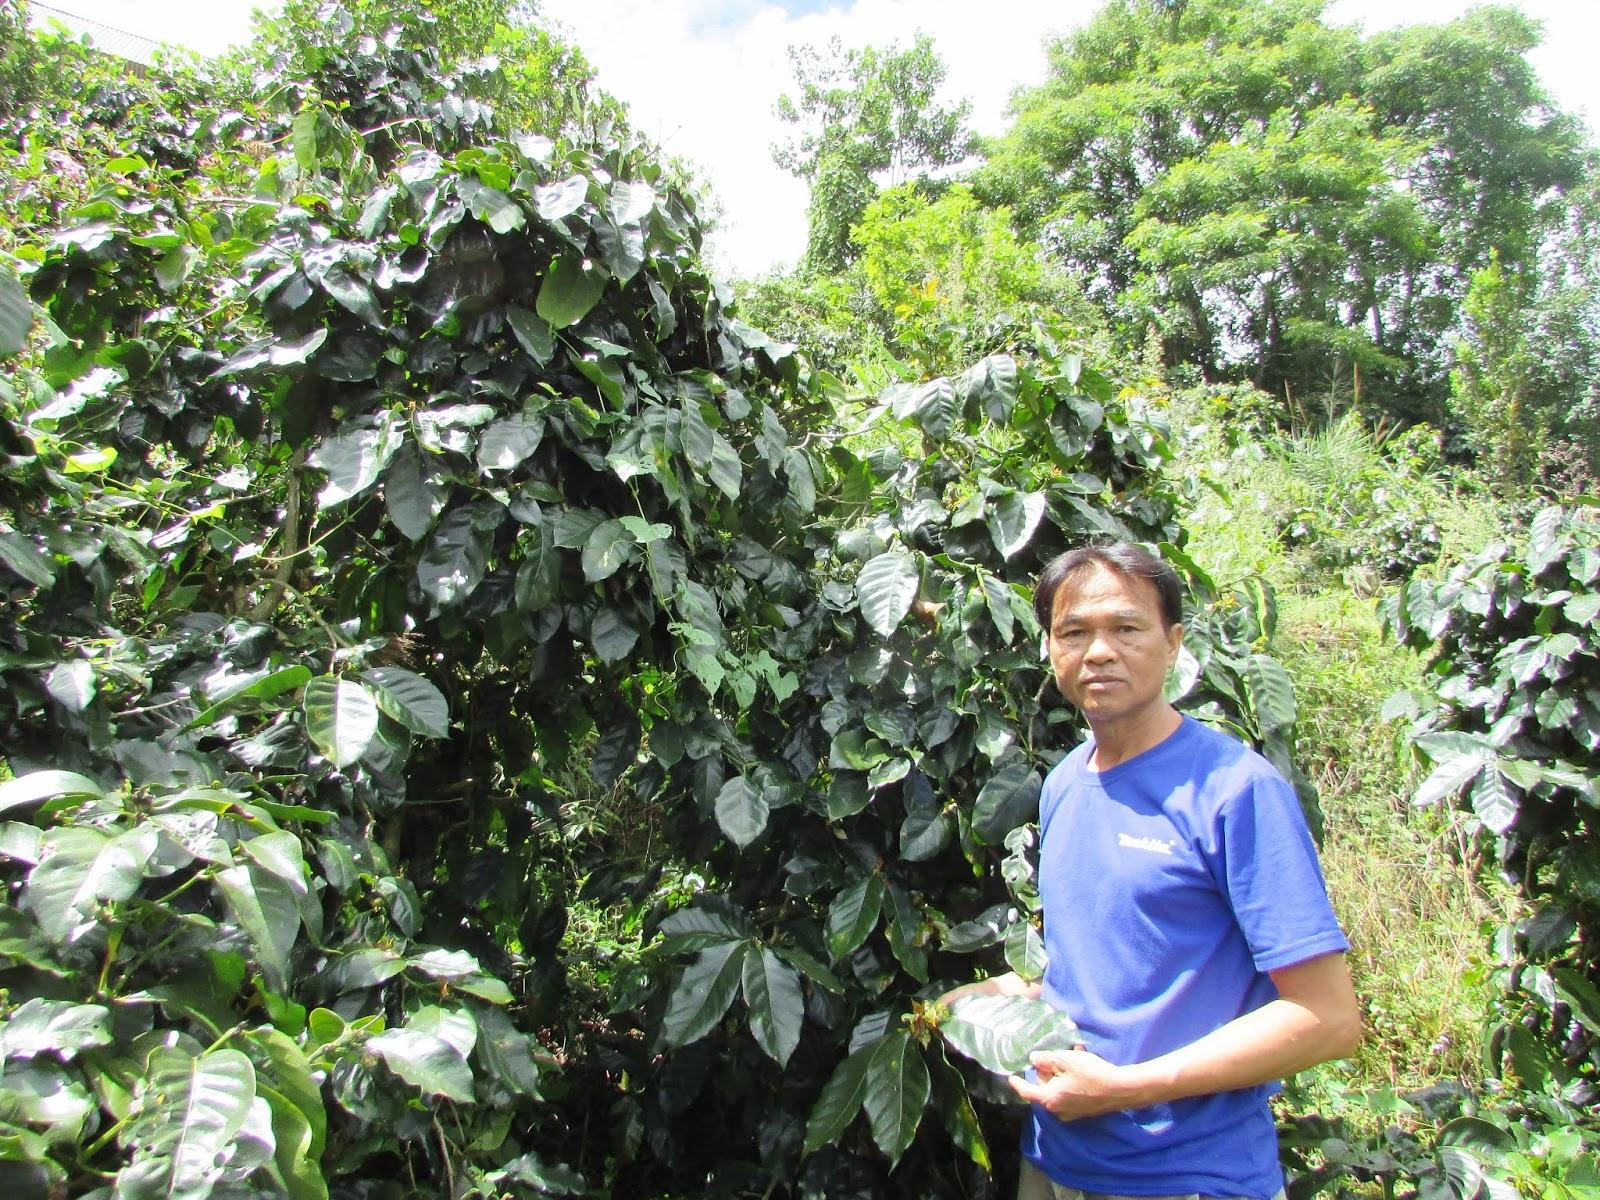 Võ Văn Việt: Cà phê Pacamara- chuyện kể từ Đà Lạt